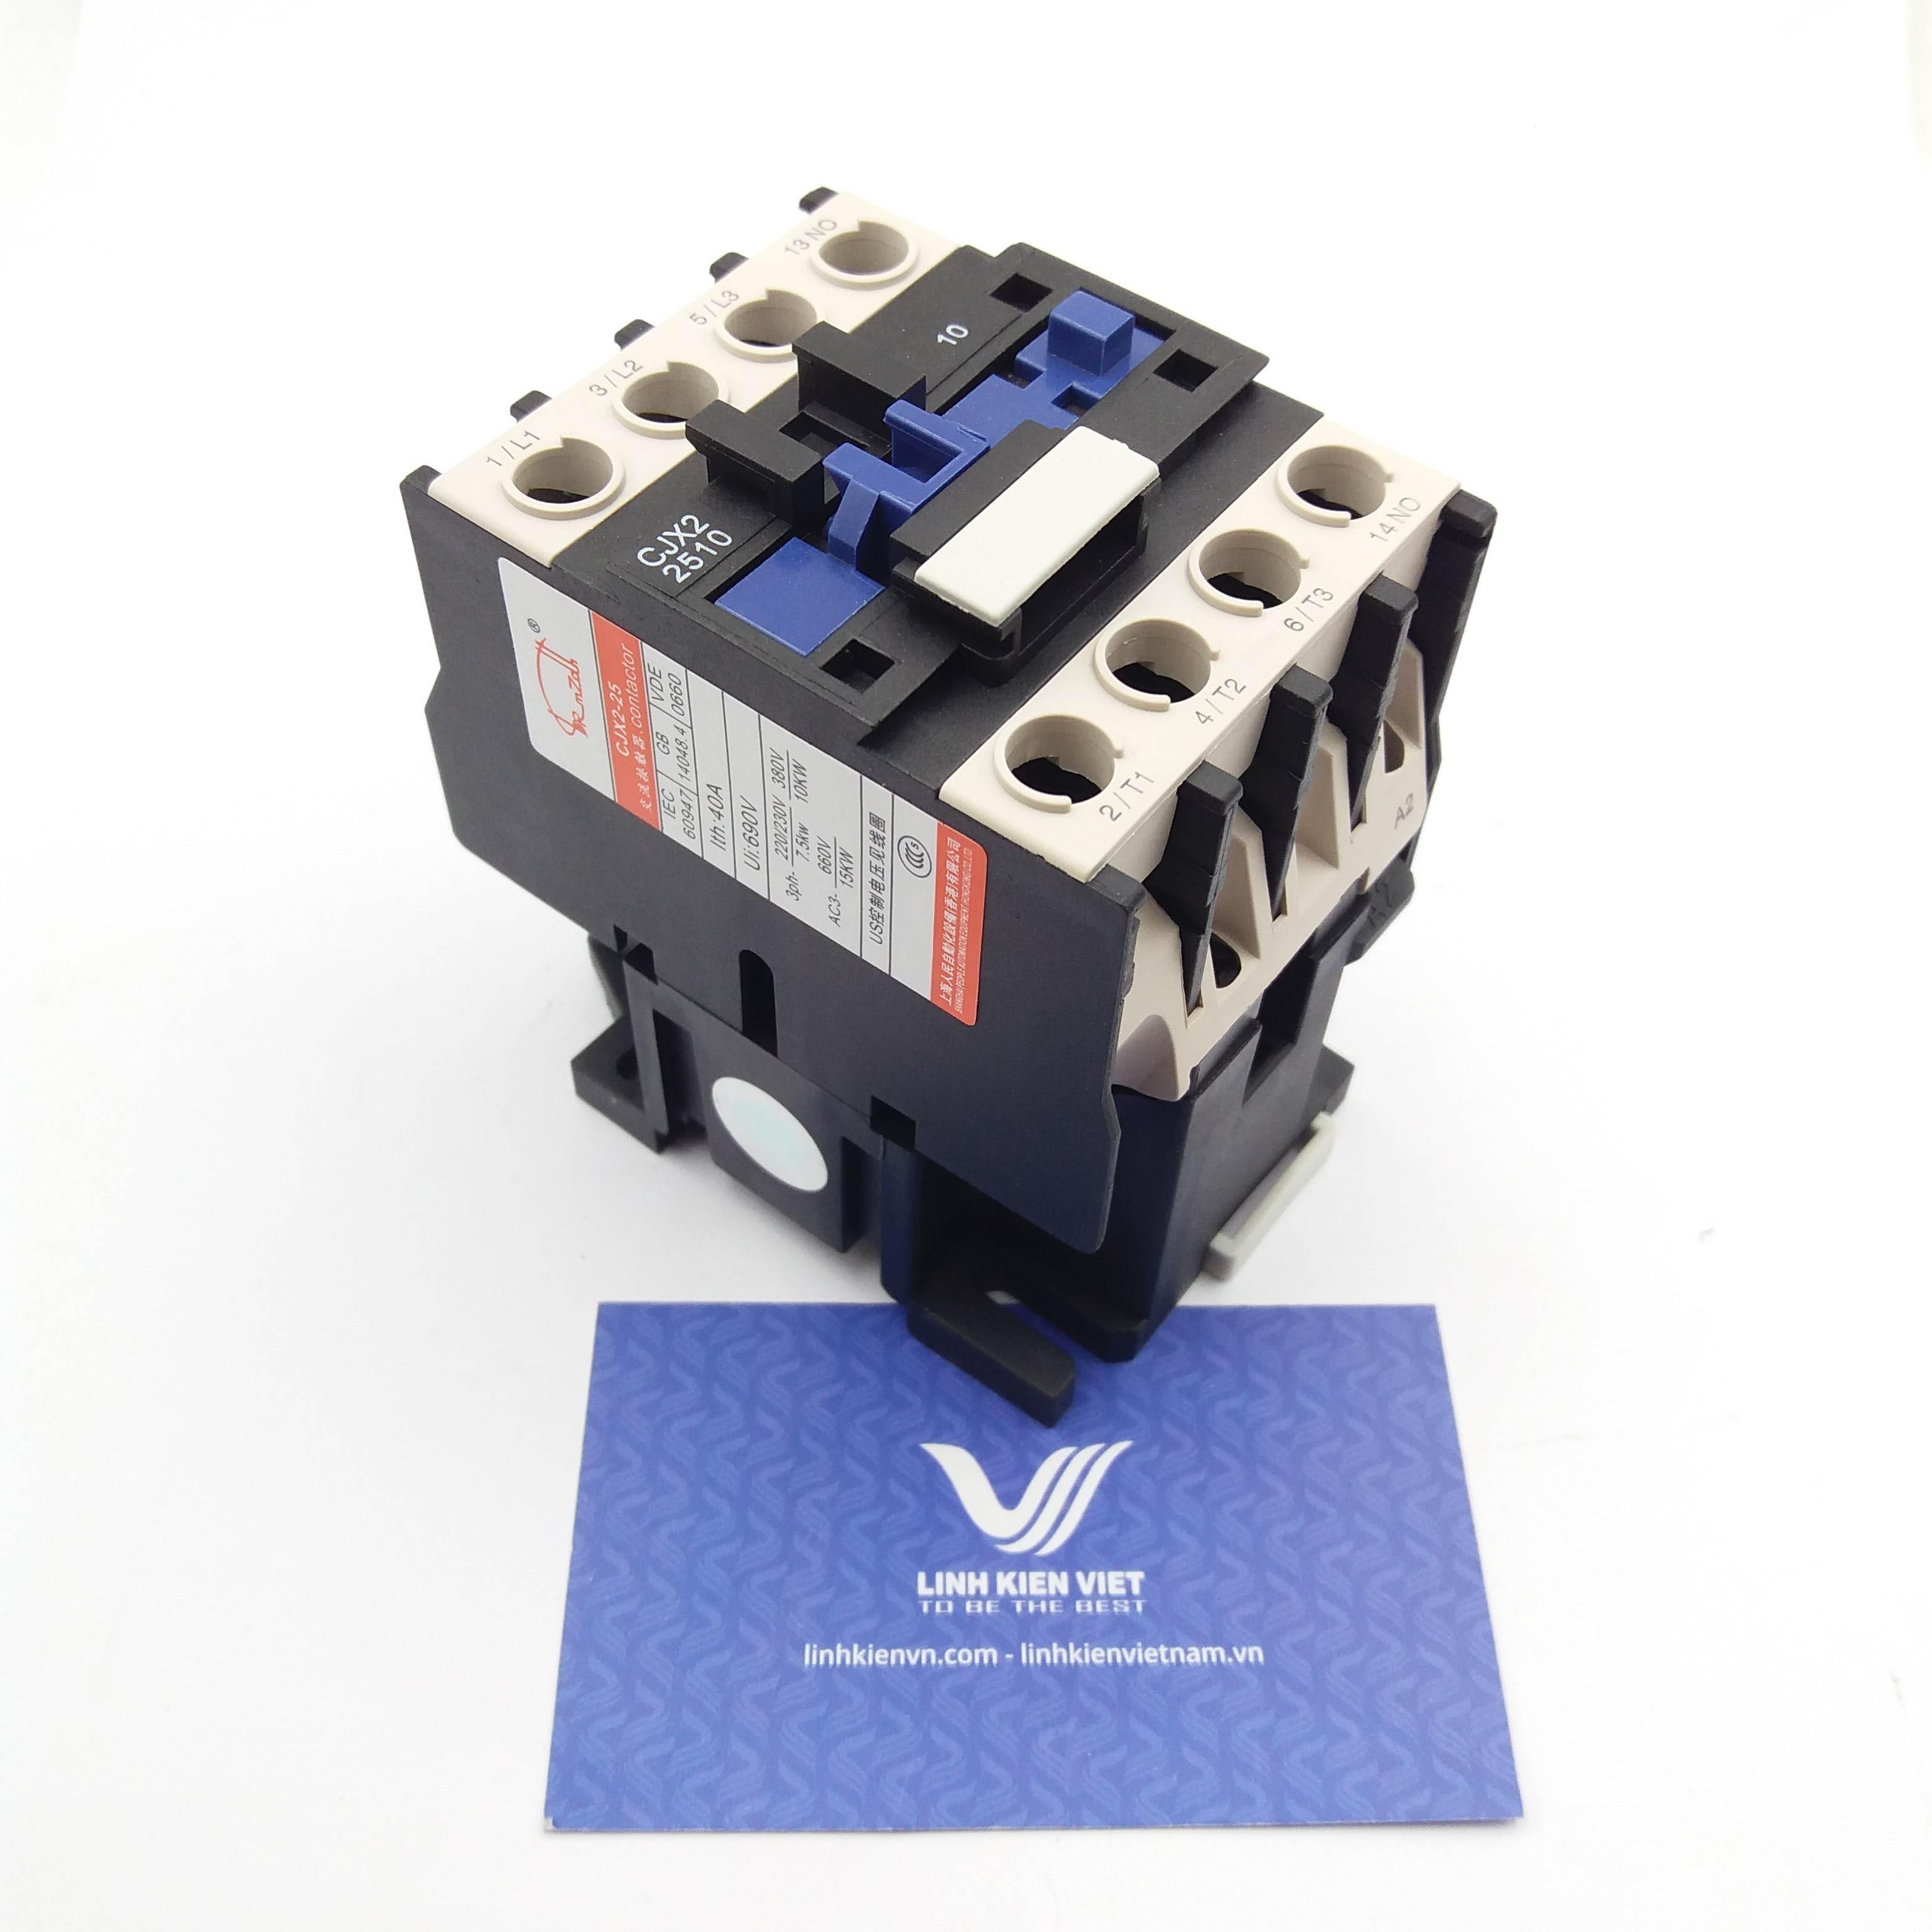 Khởi động từ CJX2- 2510 25A - 220V